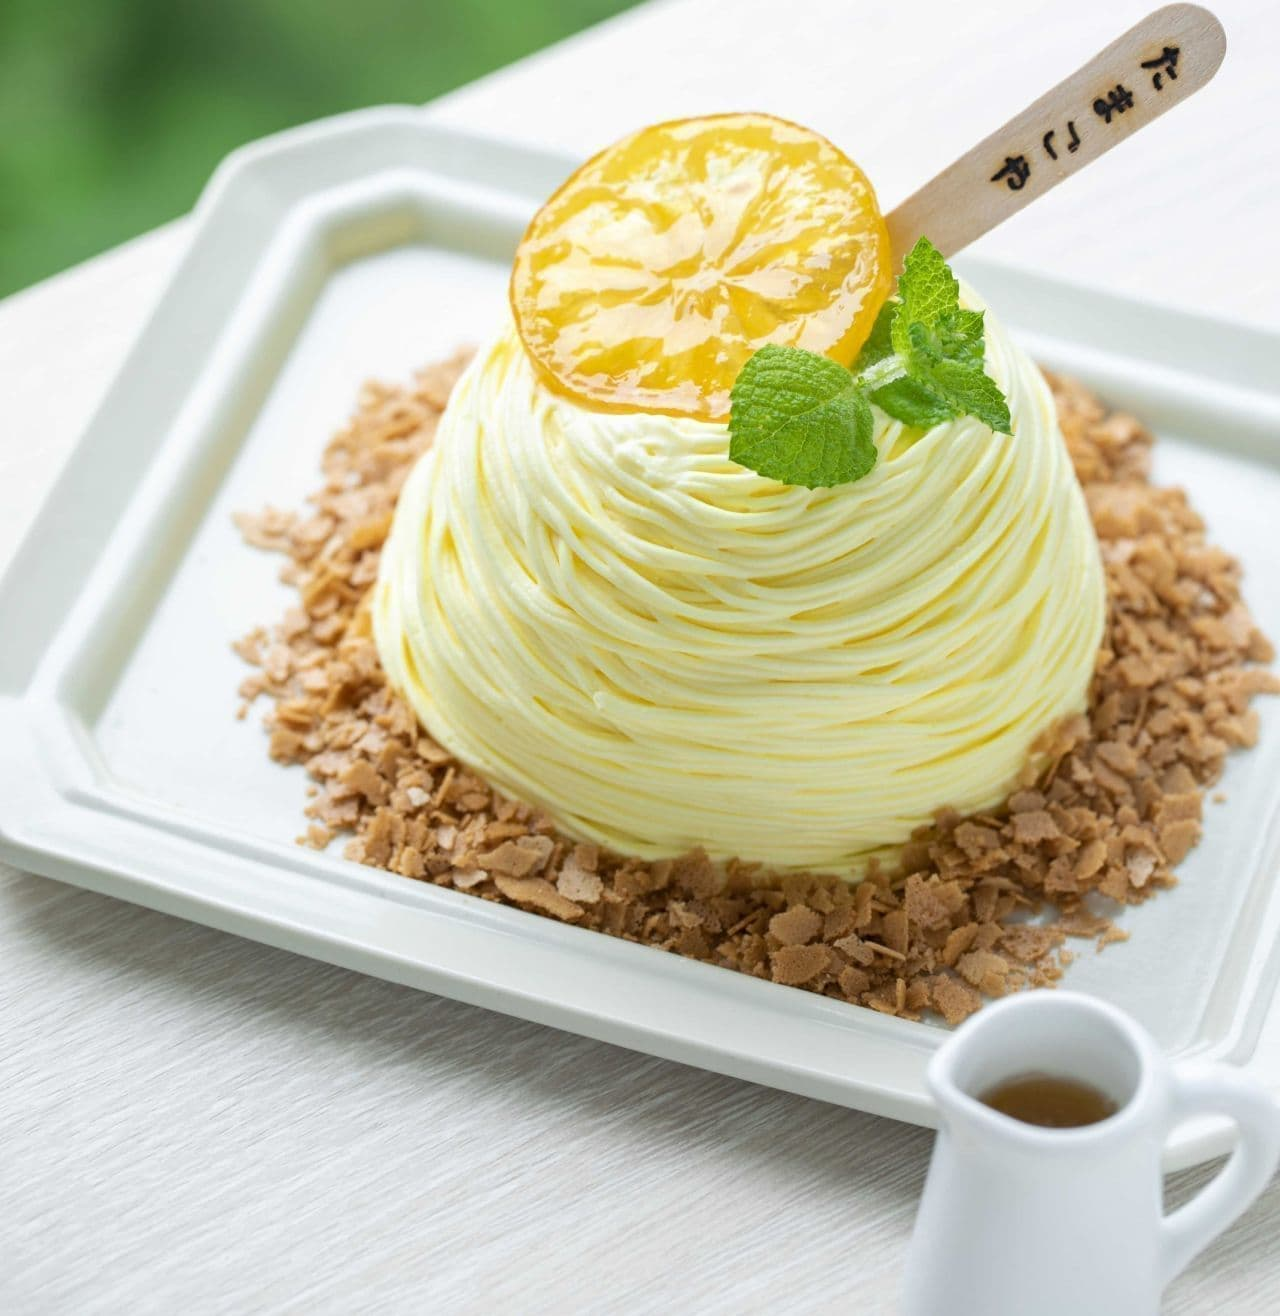 たまご専門店 TAMAGOYA ベーカリーカフェ「巣ごもりパンケーキ ~レモン~」